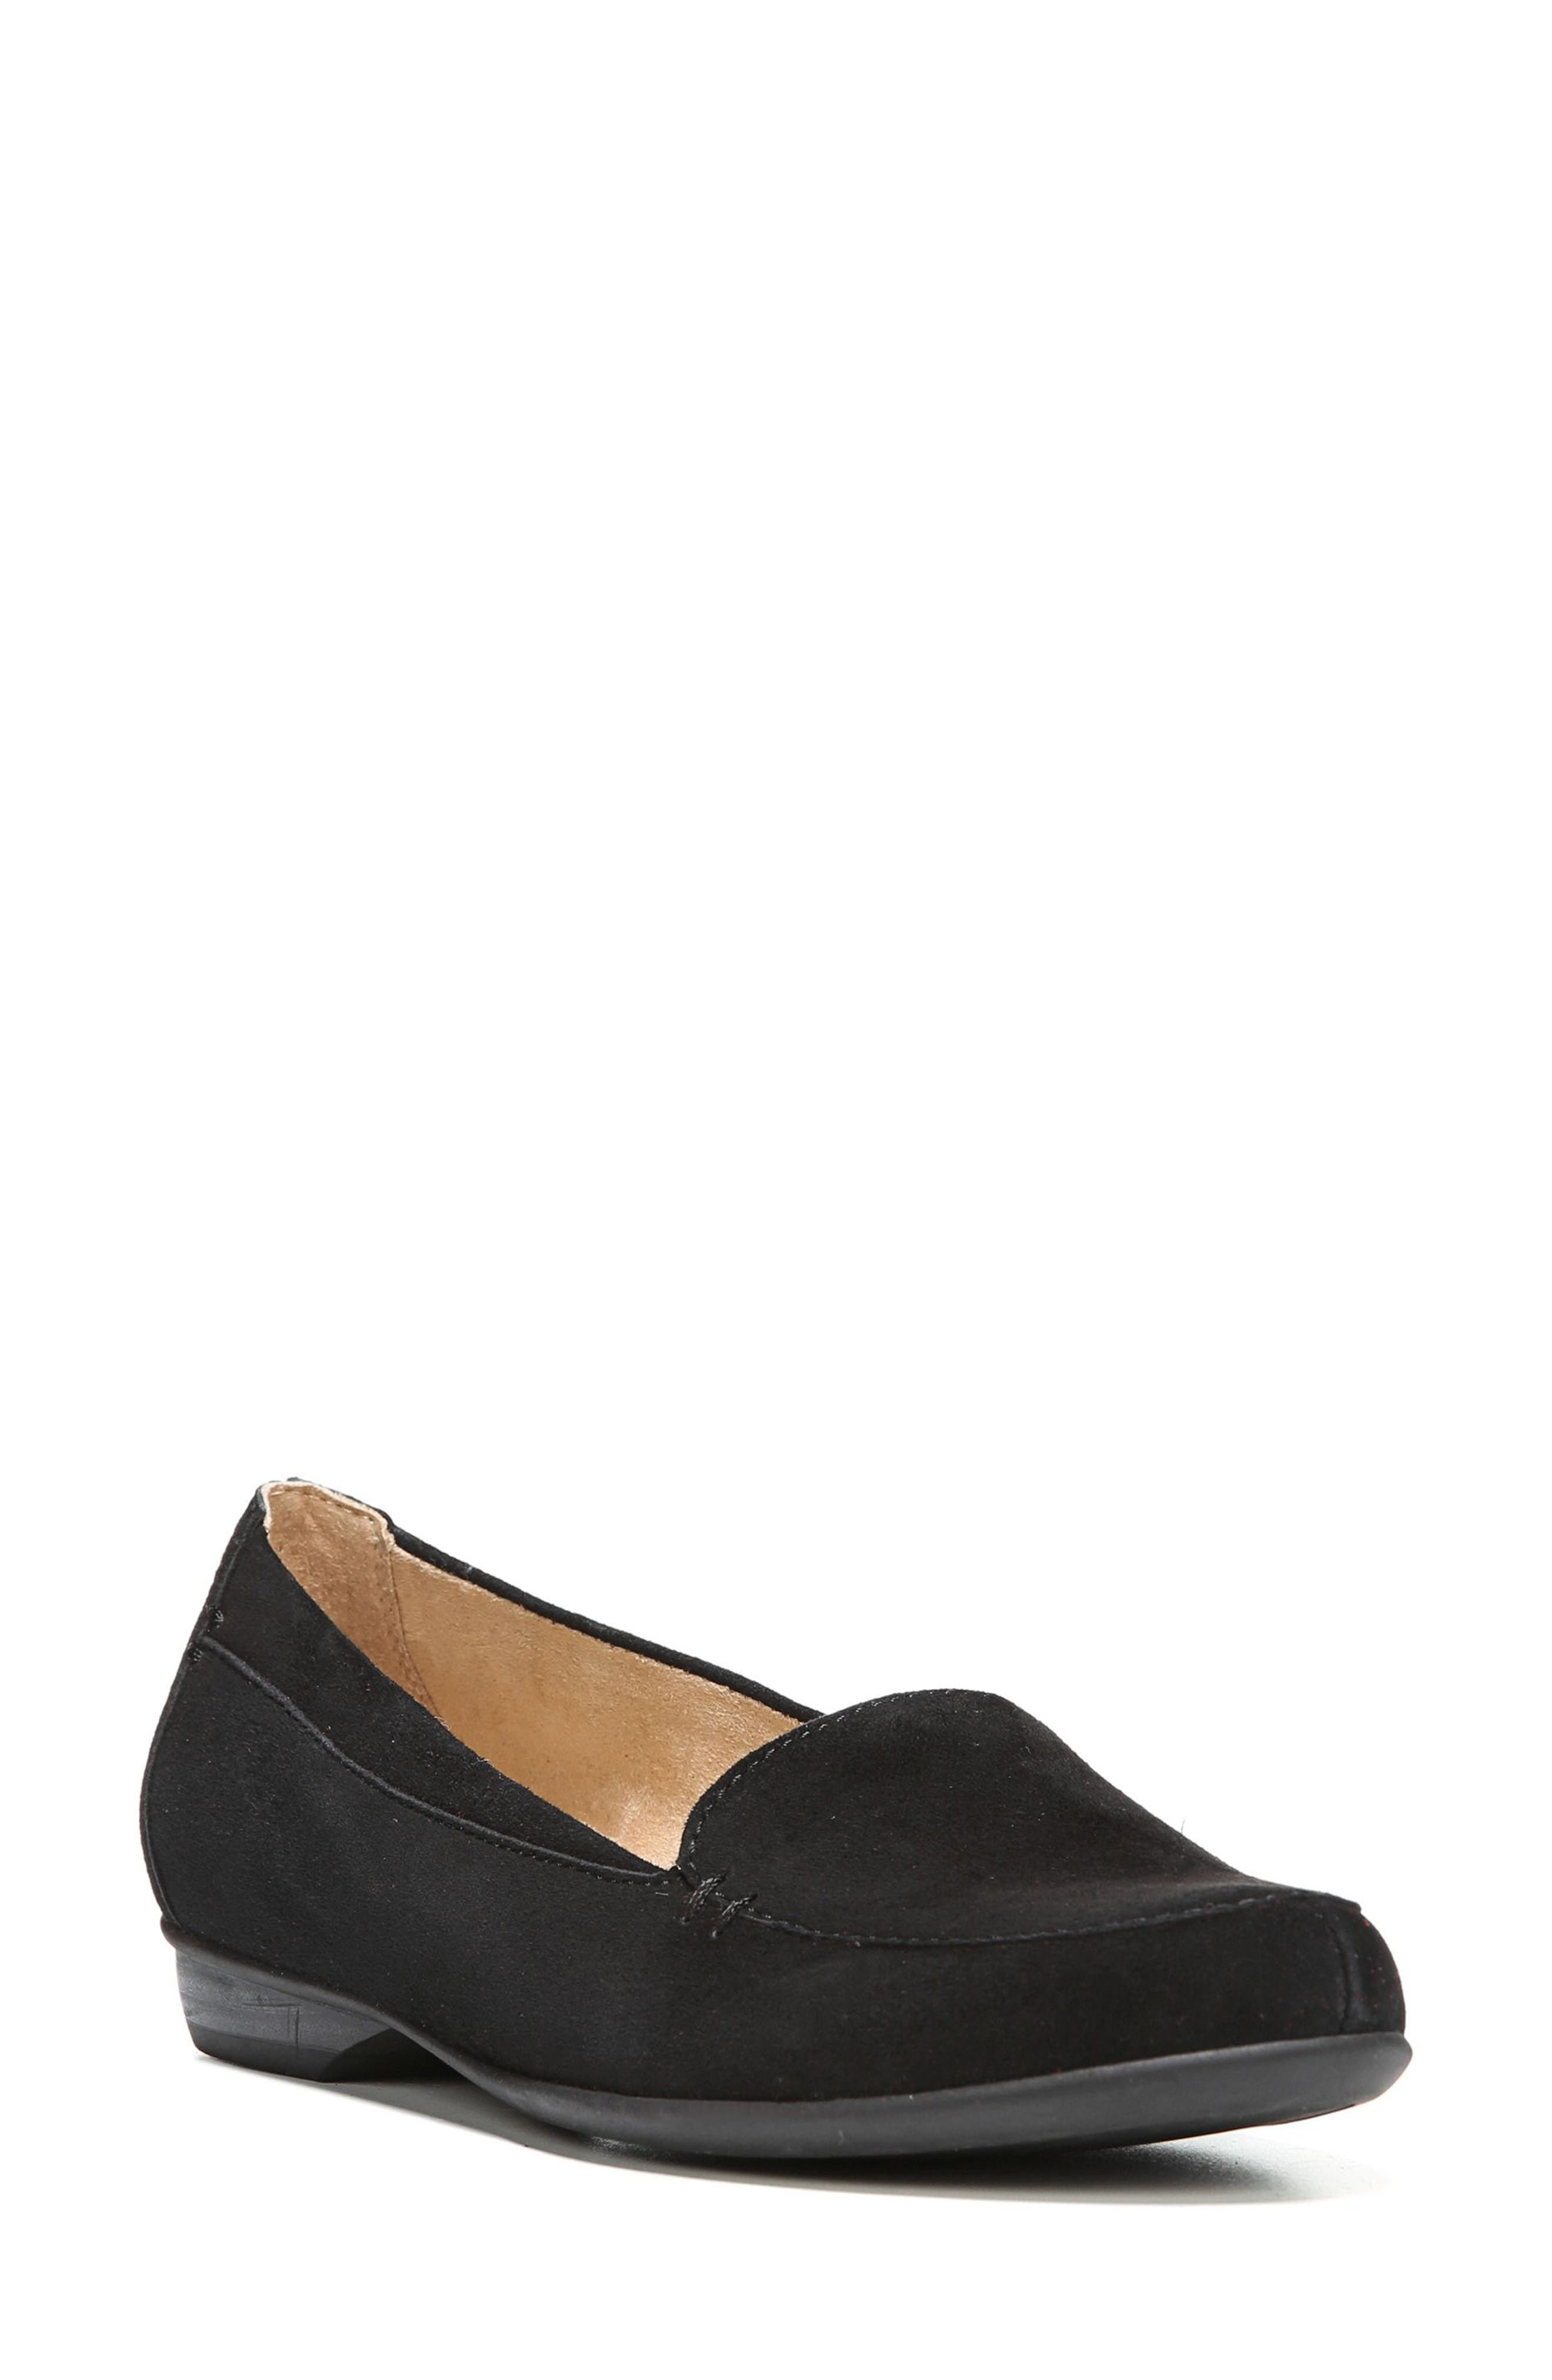 4597342a71c Naturalizer Shoes